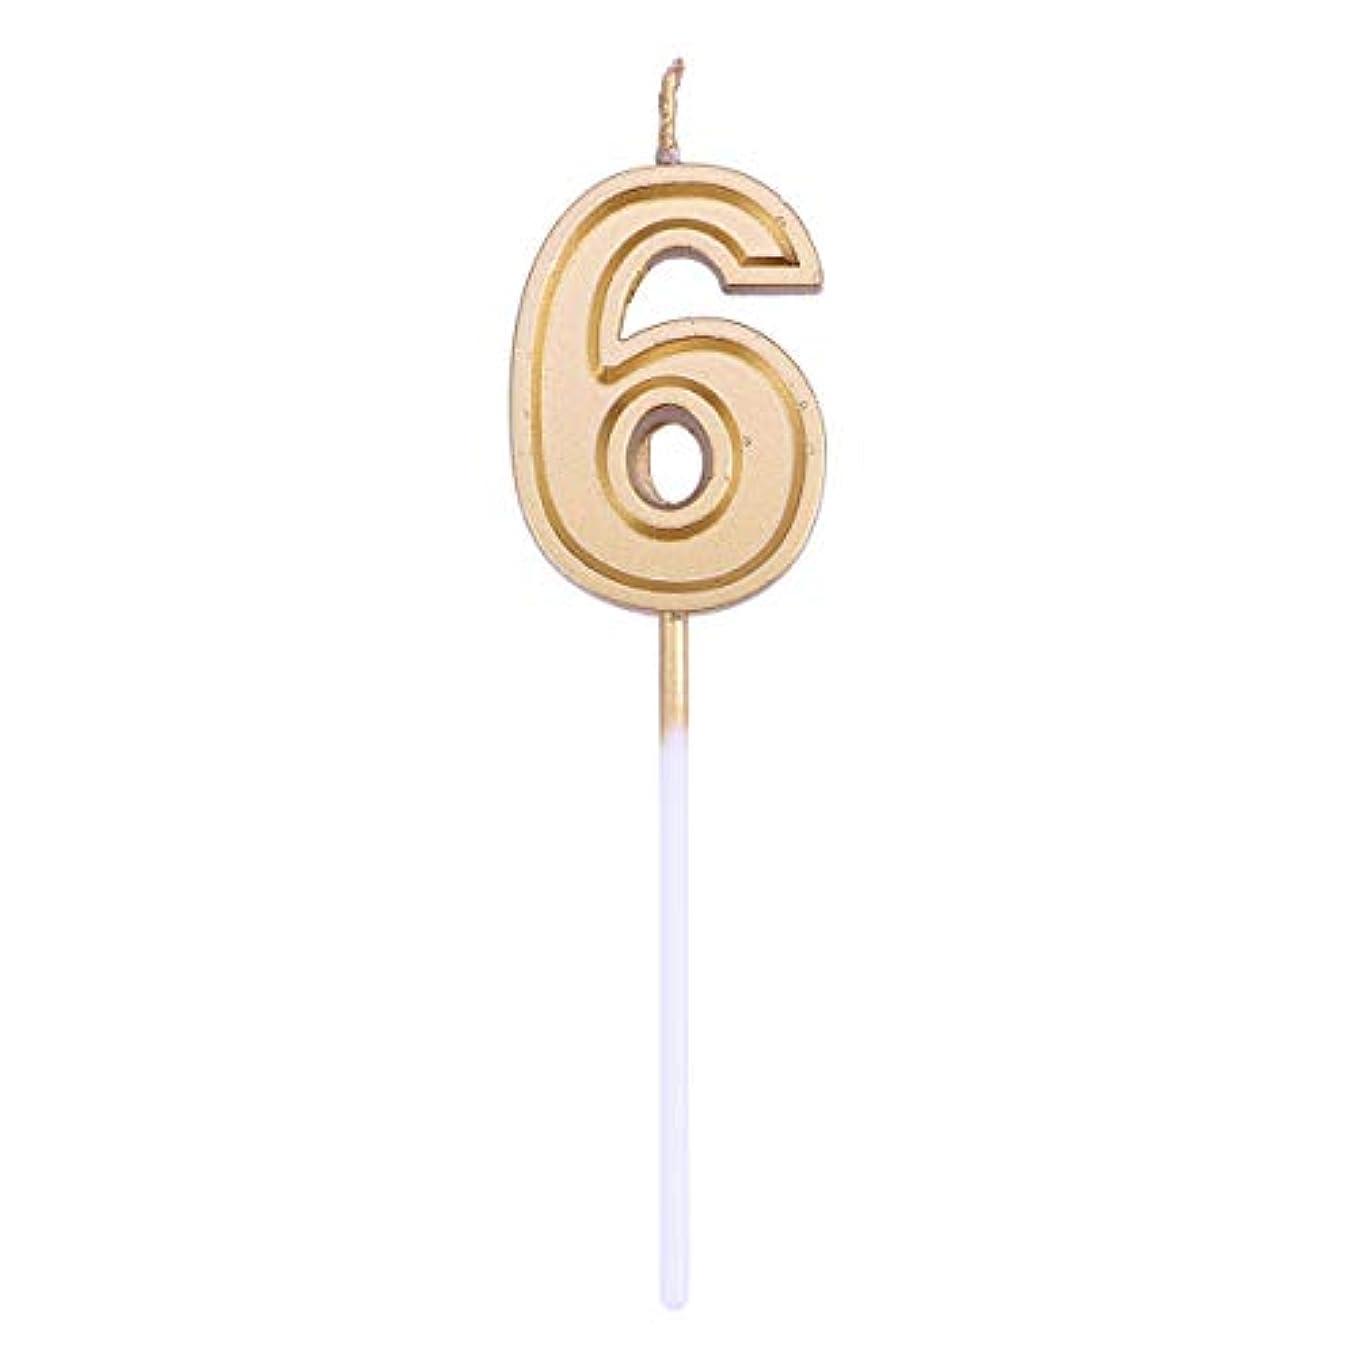 タウポ湖賢明な哲学的Toyvian ゴールドラメ誕生日おめでとう数字キャンドル番号キャンドルケーキトッパー装飾用大人キッズパーティー(番号6)